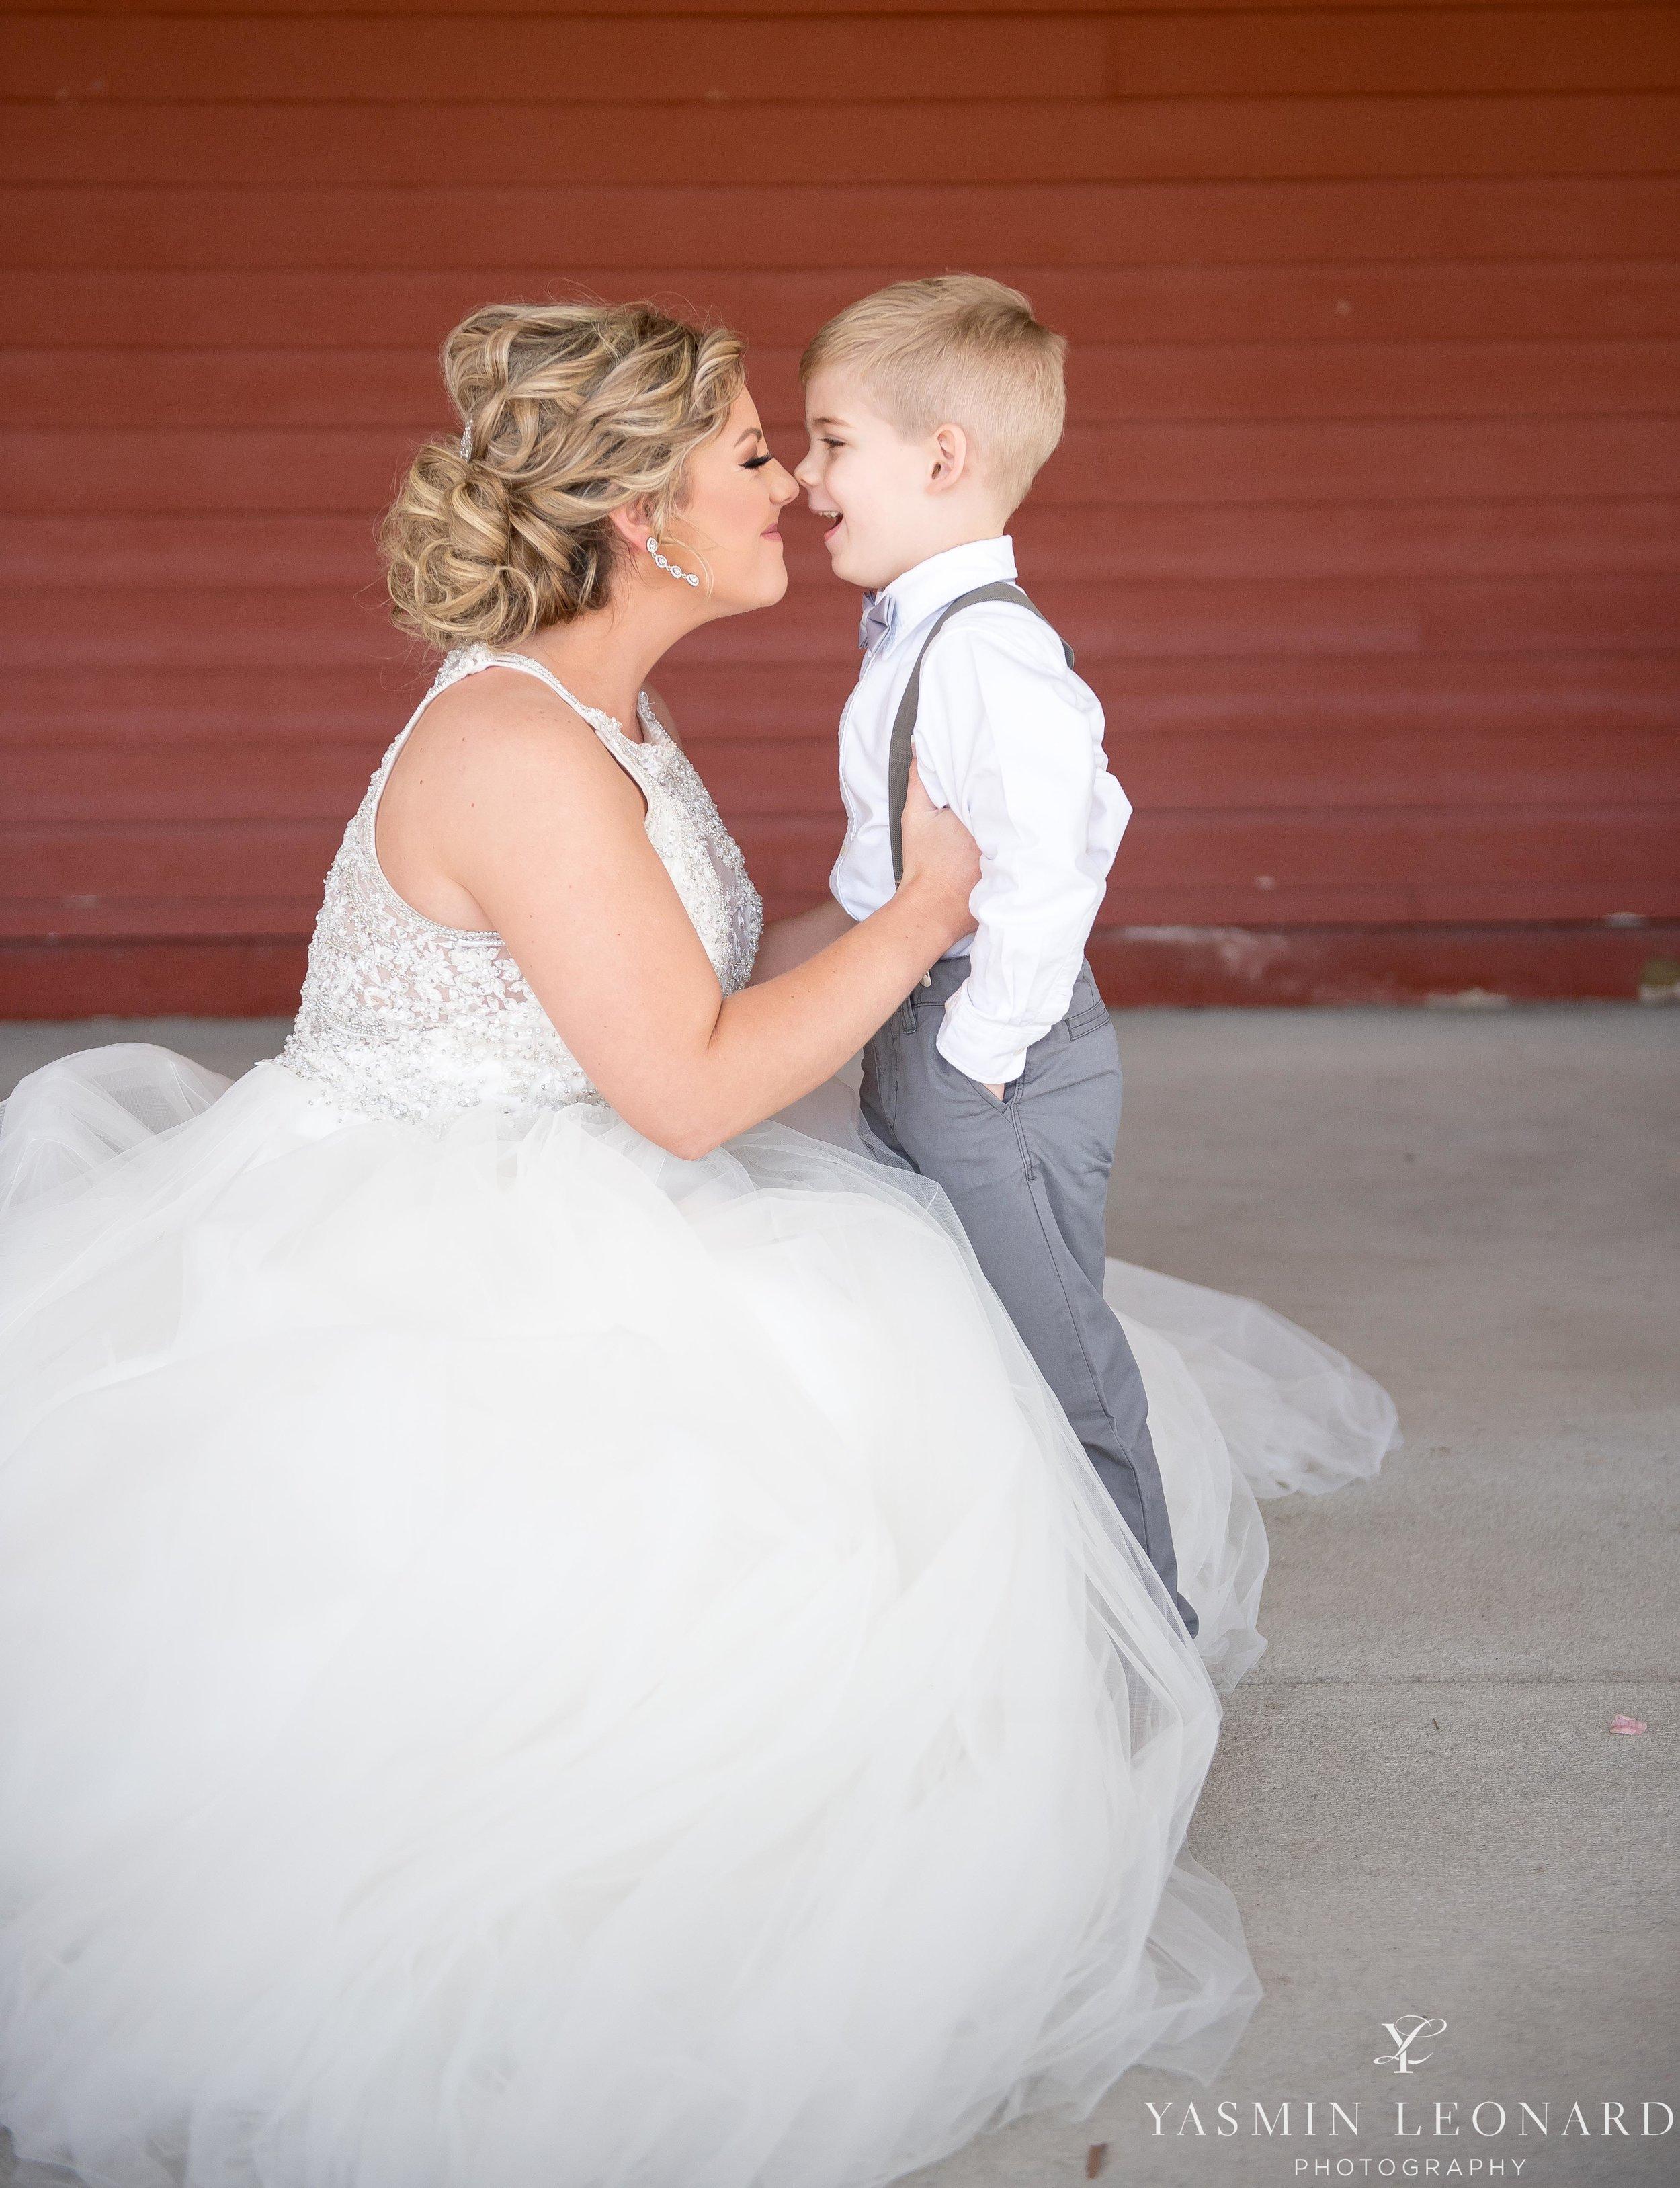 Millikan Farms - Millikan Farms Wedding - Sophia NC Wedding - NC Wedding - NC Wedding Photographer - Yasmin Leonard Photography - High Point Photographer - Barn Wedding - Wedding Venues in NC - Triad Wedding Photographer-21.jpg